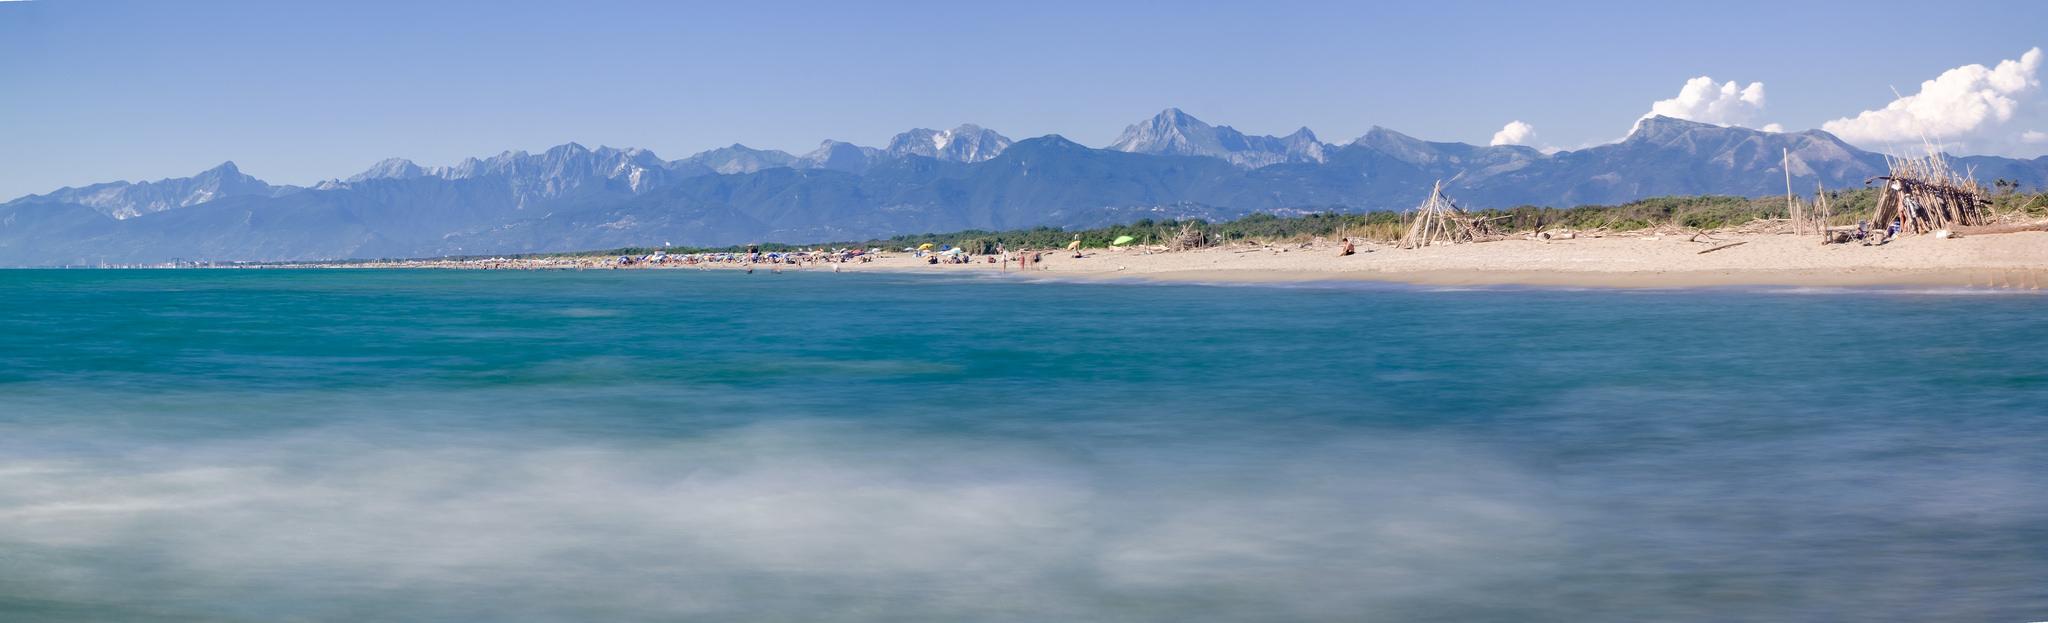 wybrzeze plaze toskanii Marina di Vecchiano